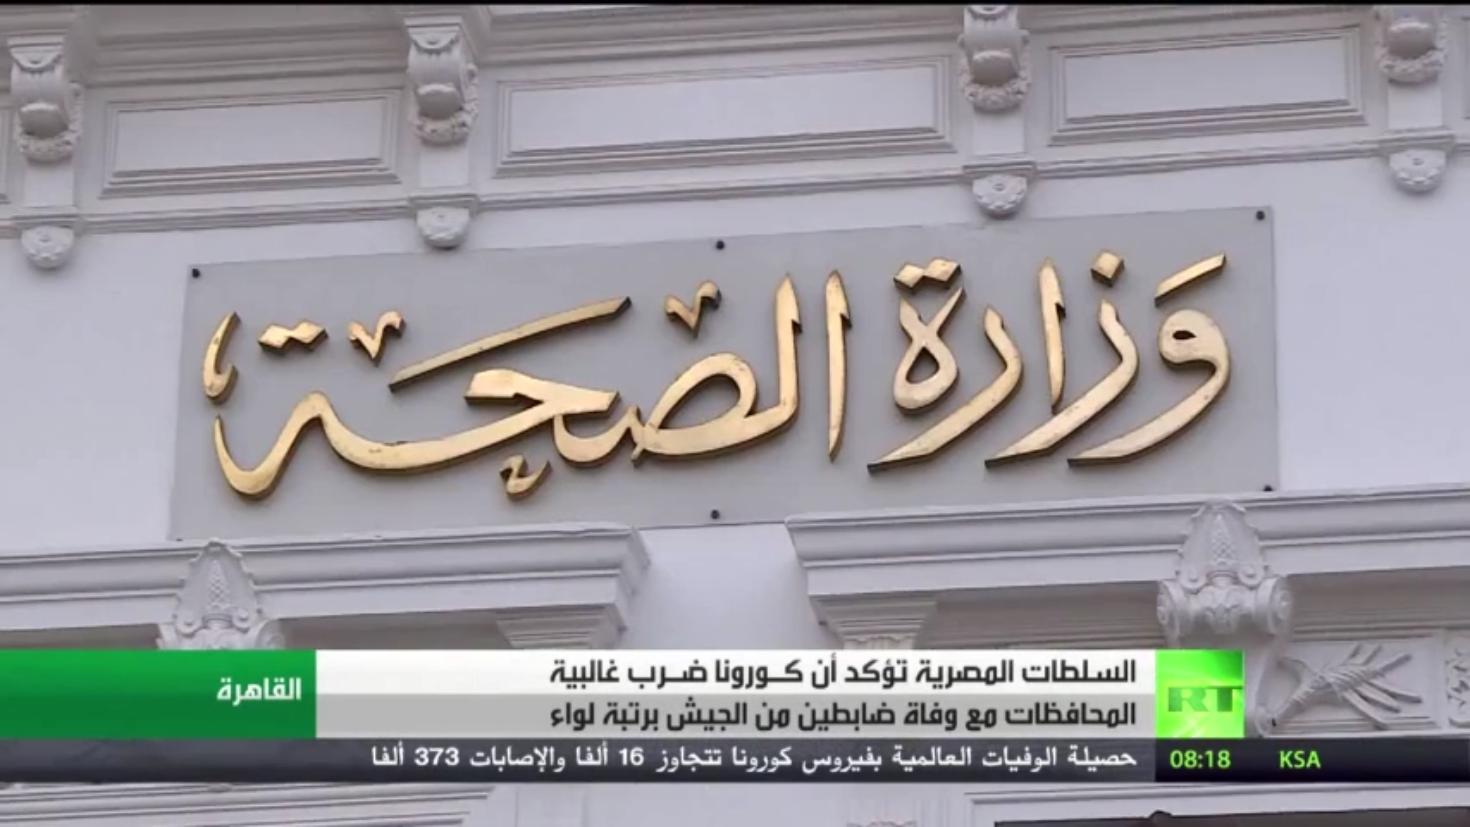 السلطات المصرية تؤكد أن كورونا ضرب غالبية المحافظات